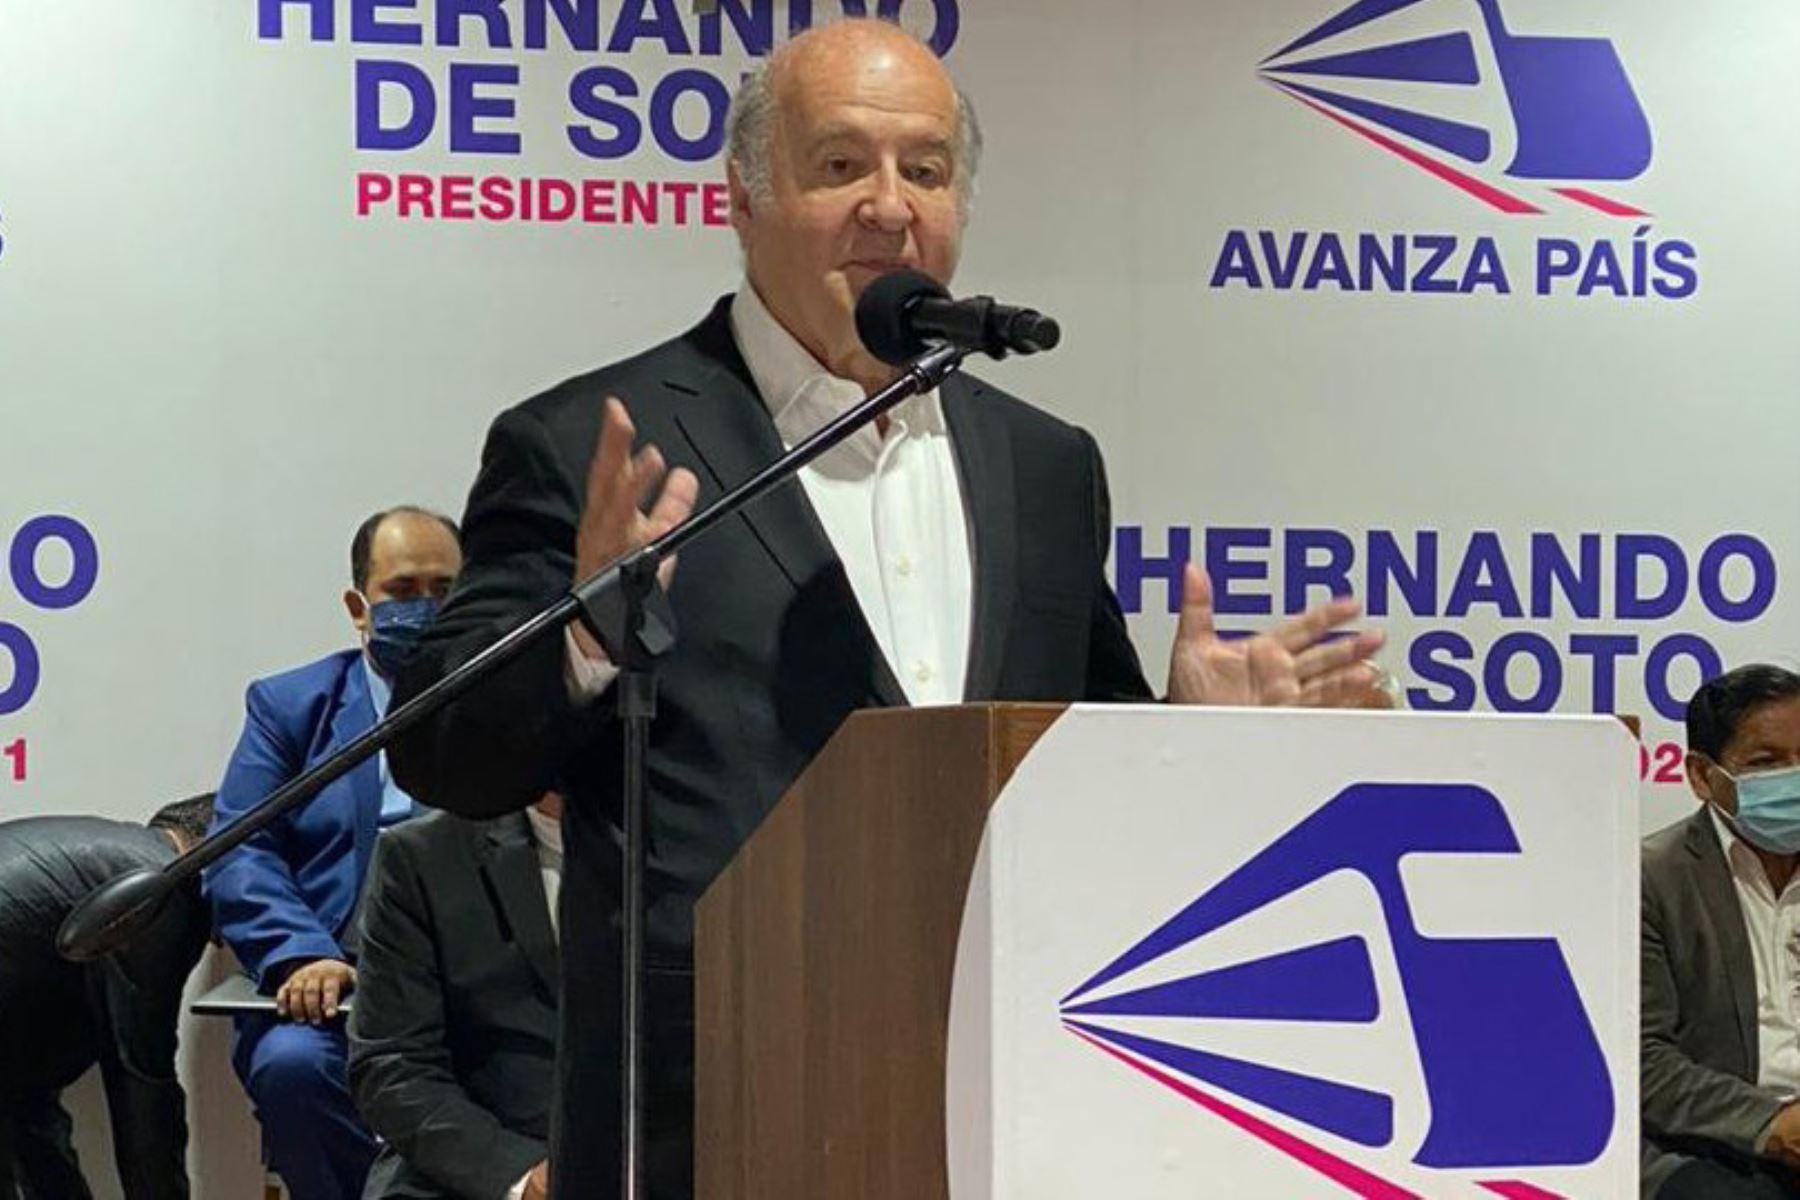 Hernando de Soto, postulante presidencial de Avanza País. Foto: ANDINA/difusión.